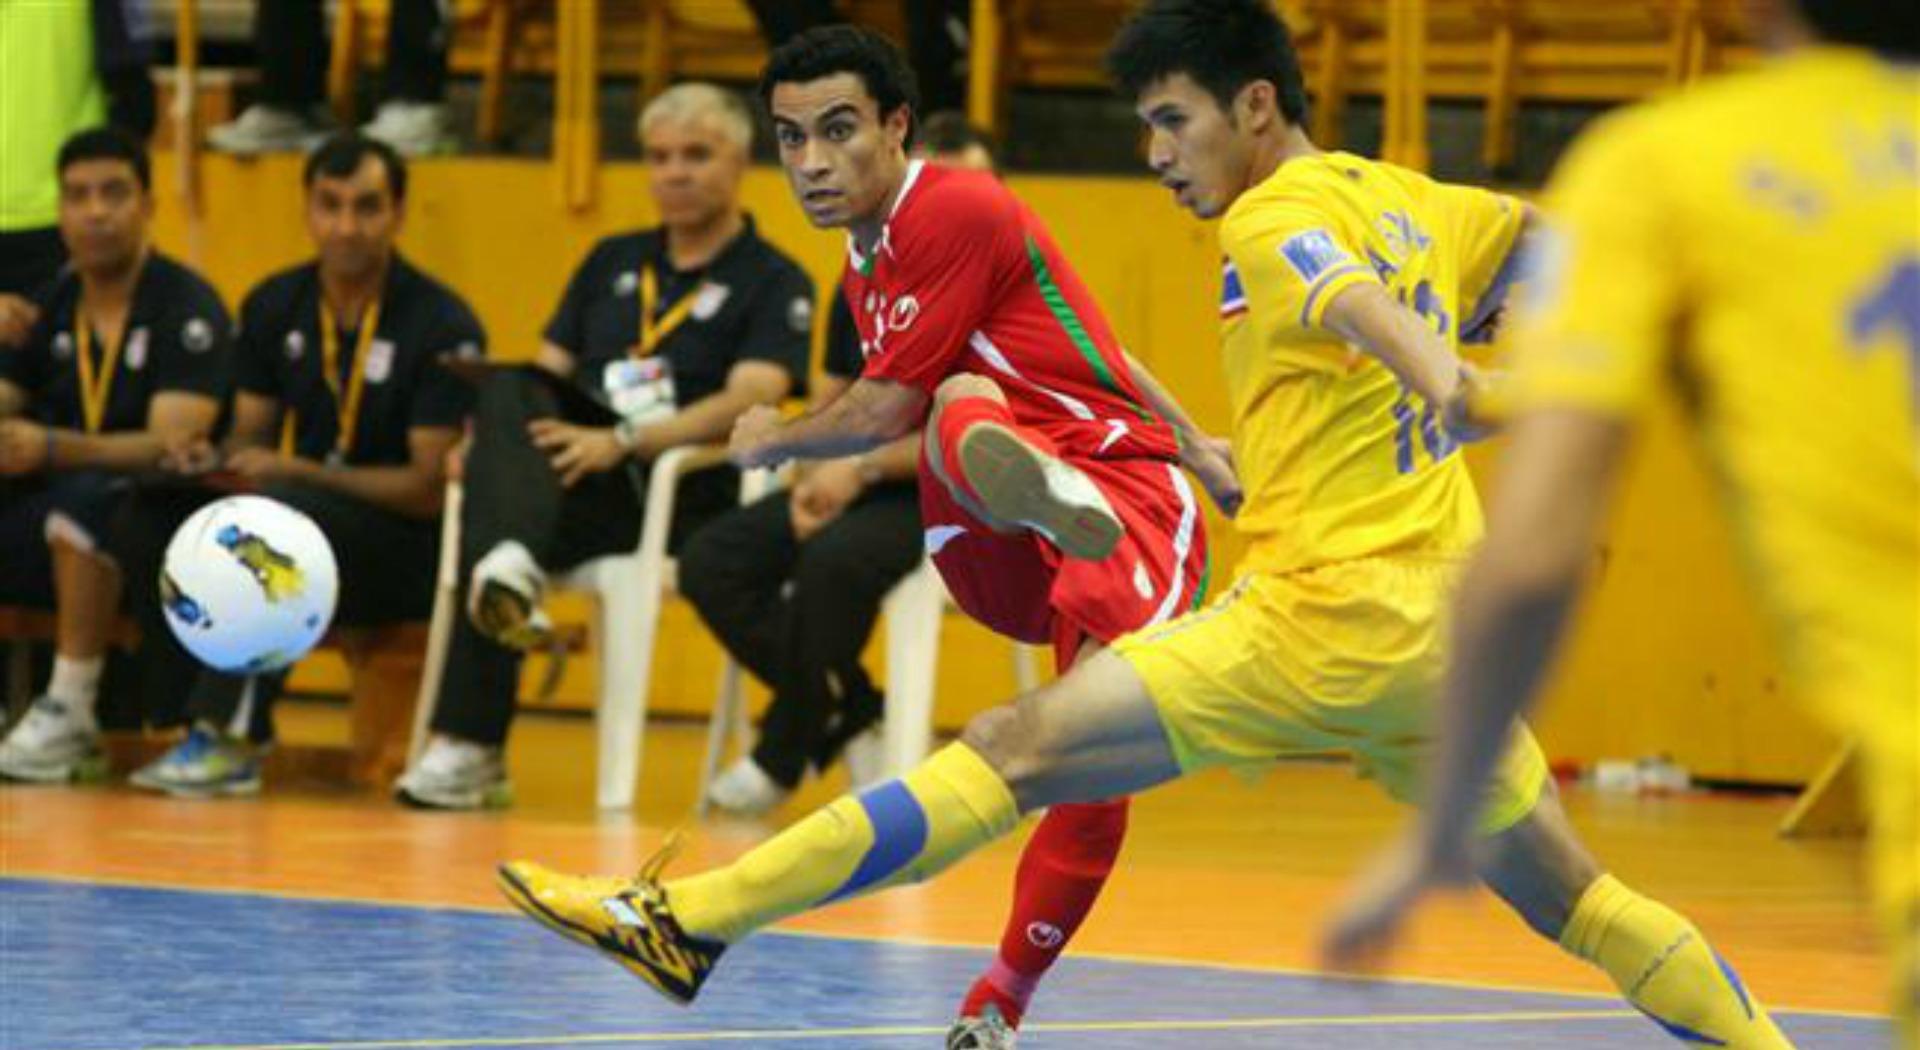 Mengenal Posisi Pemain Futsal Pivot Sebagai Poros Serangan